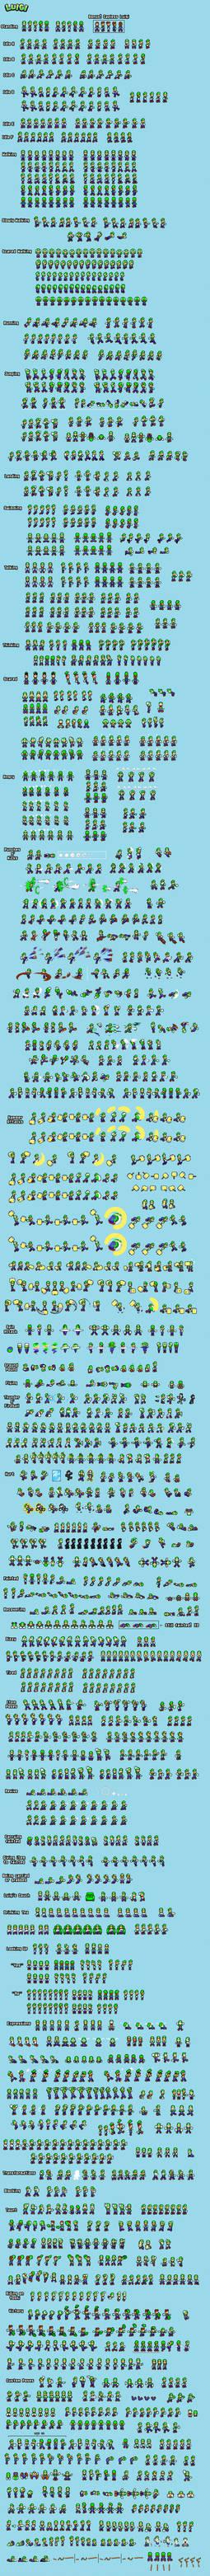 Luigi (TCH Palette) Spritesheet by SuperShadeMario